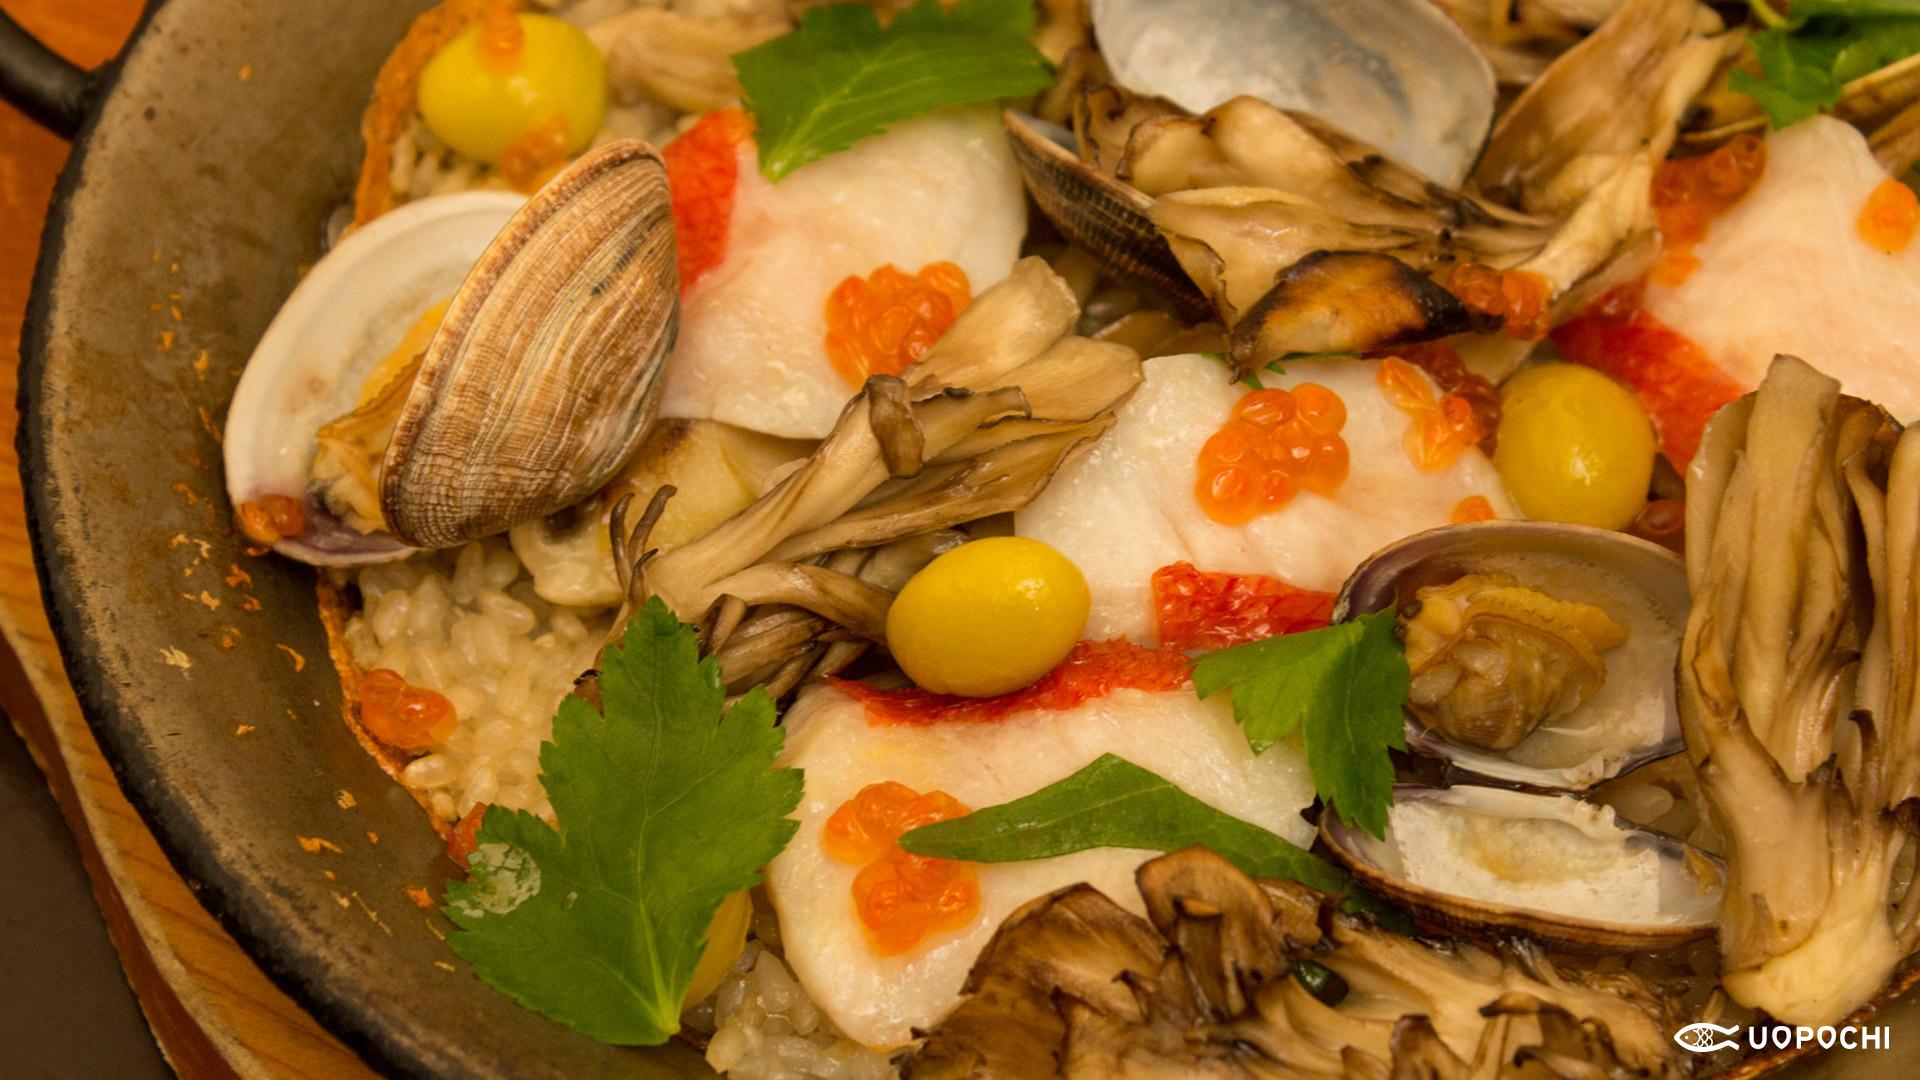 金目鯛と秋の味覚パエーリャ